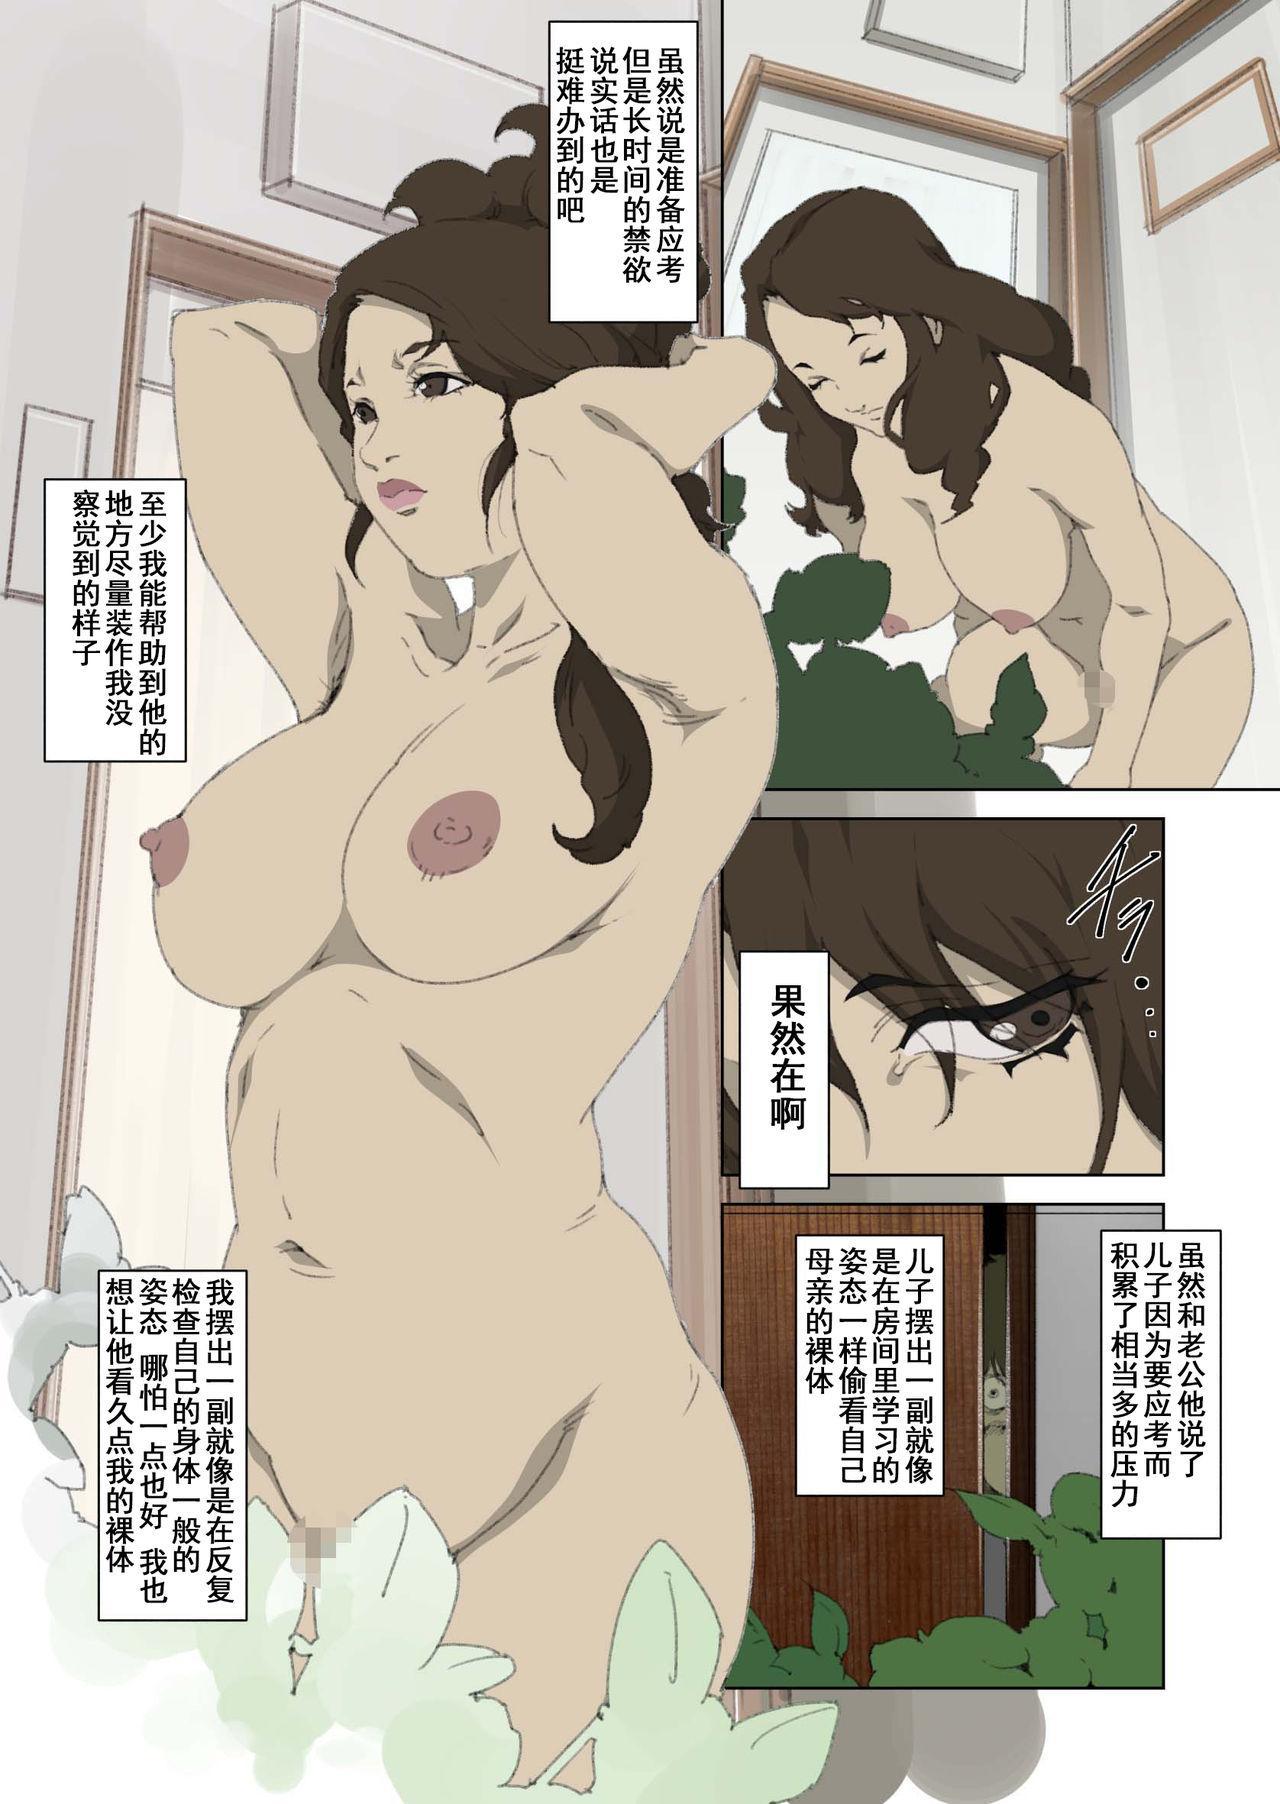 Ryoushin ga Neteiru Shinshitsu ni Shinobikomi, Hahaoya ni Yobai o Kakeru Musuko no Hanashi. 4